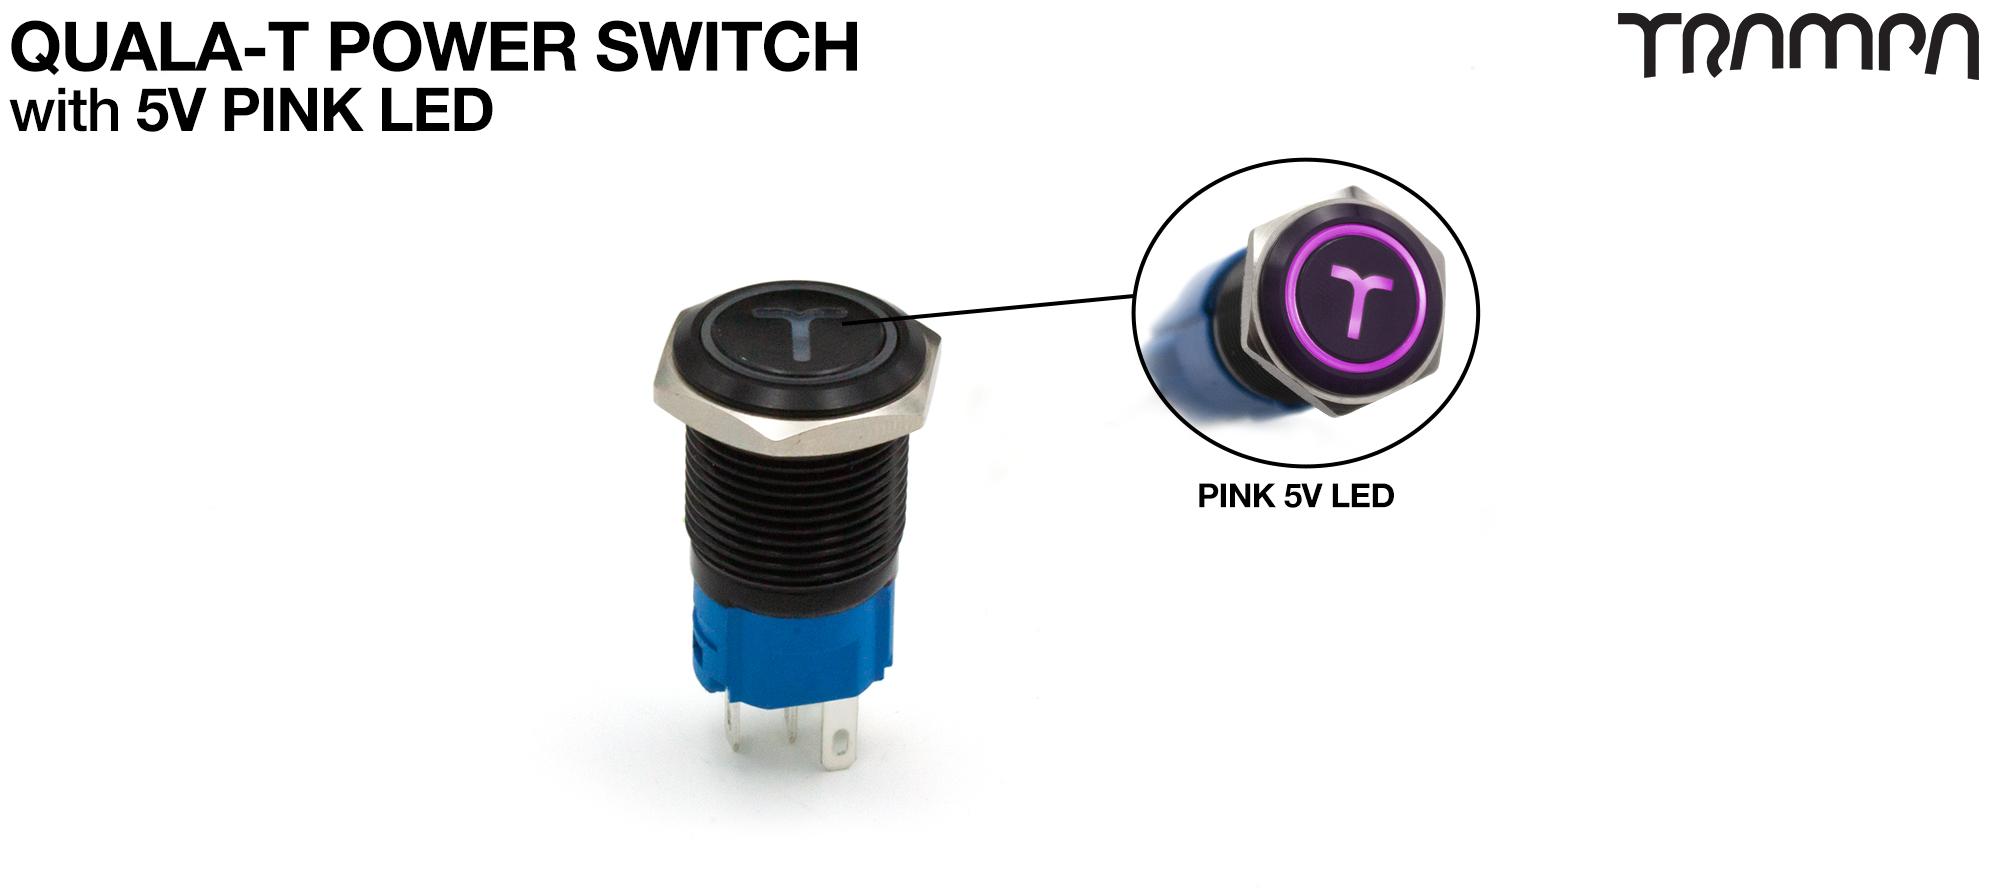 I'd like a PINKY/PURPLE LED power switch